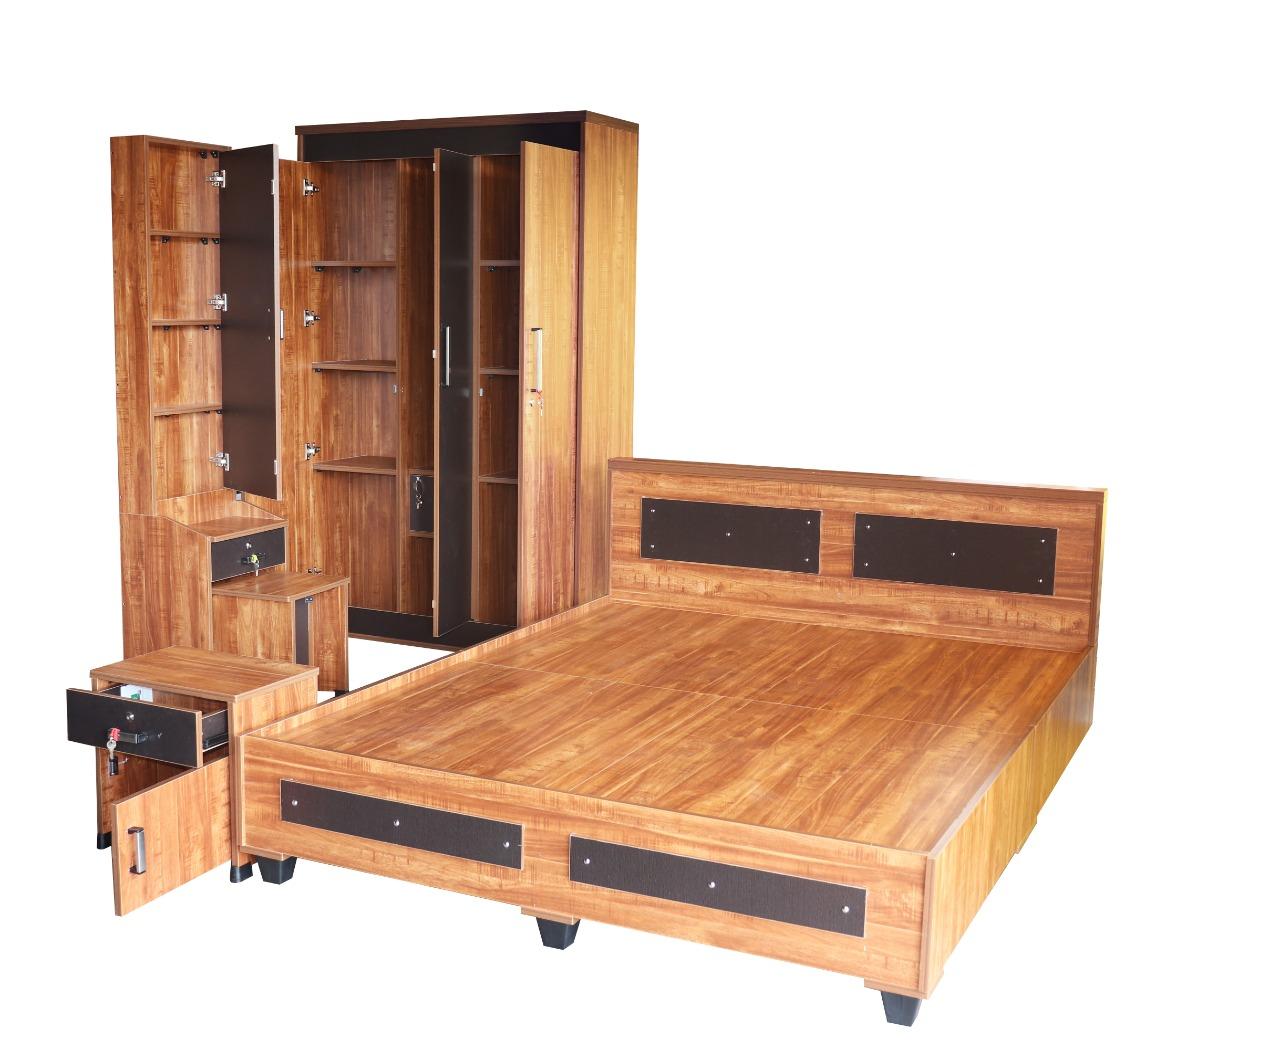 Bedroom set by Bedx